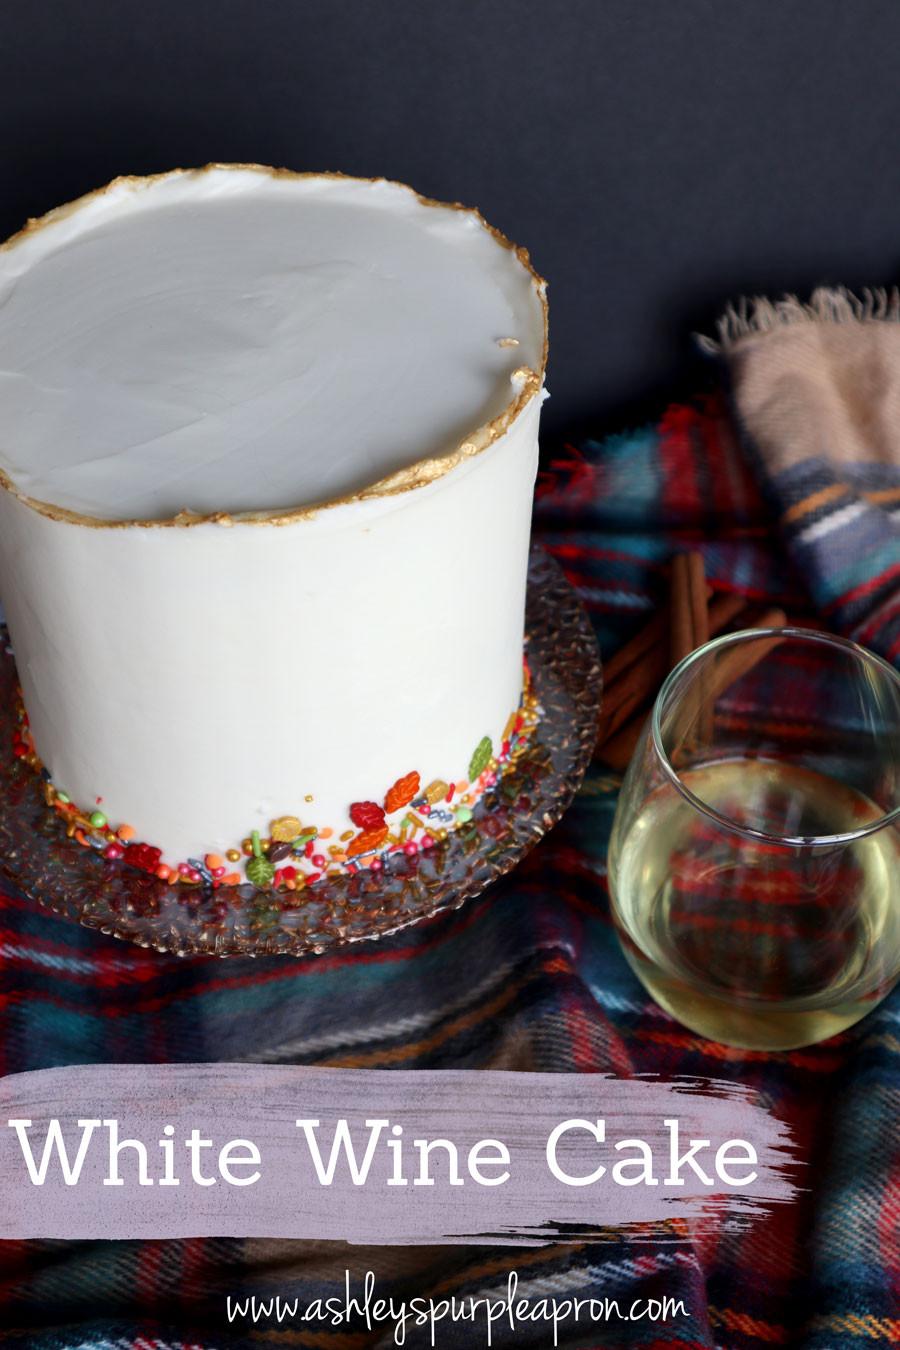 White wine cake recip